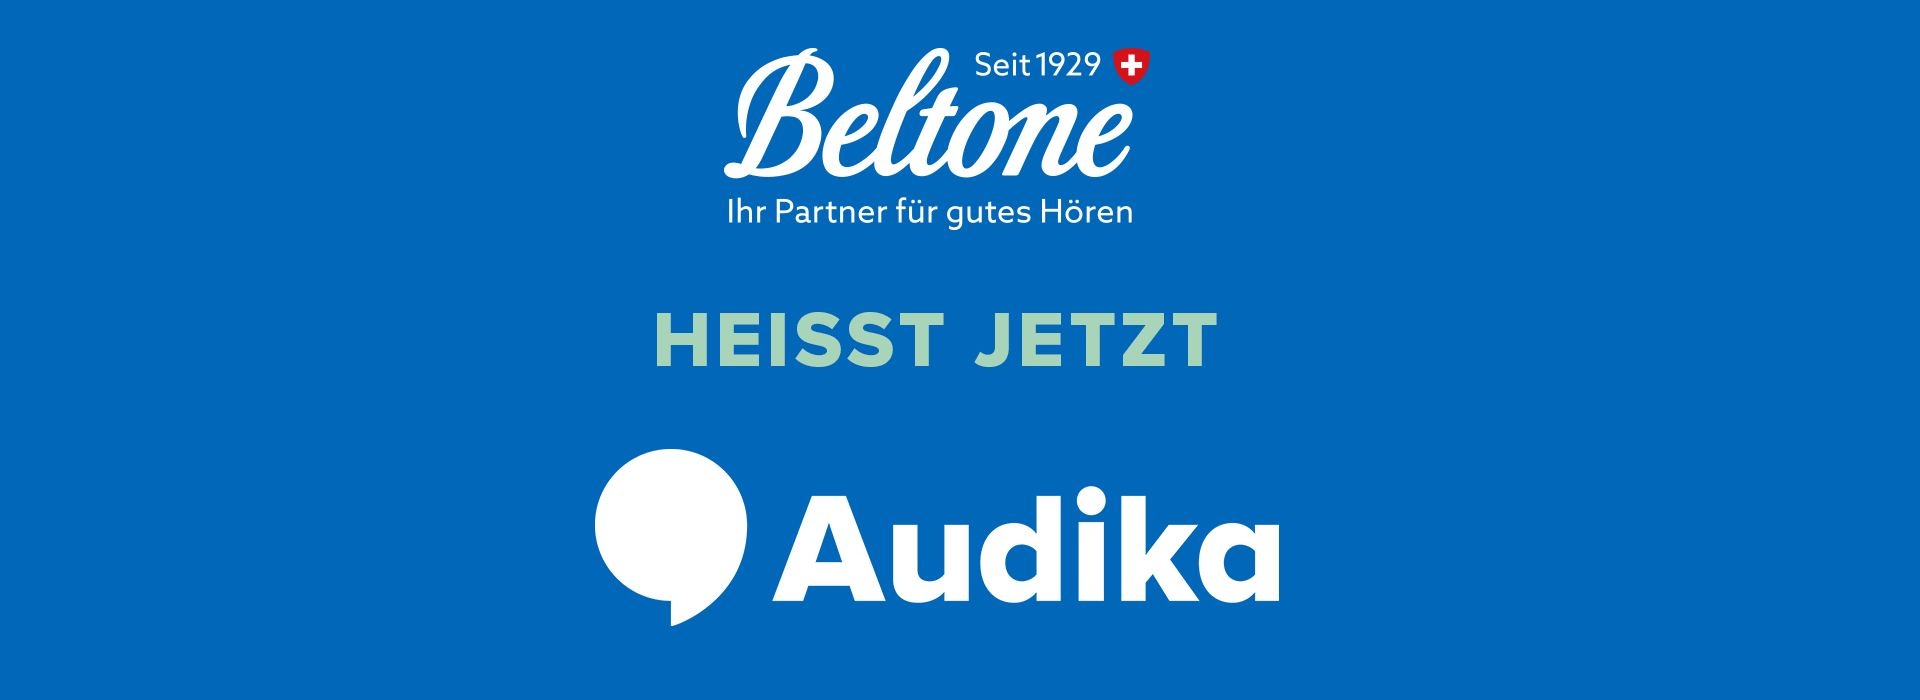 Beltone heisst jetzt Audika